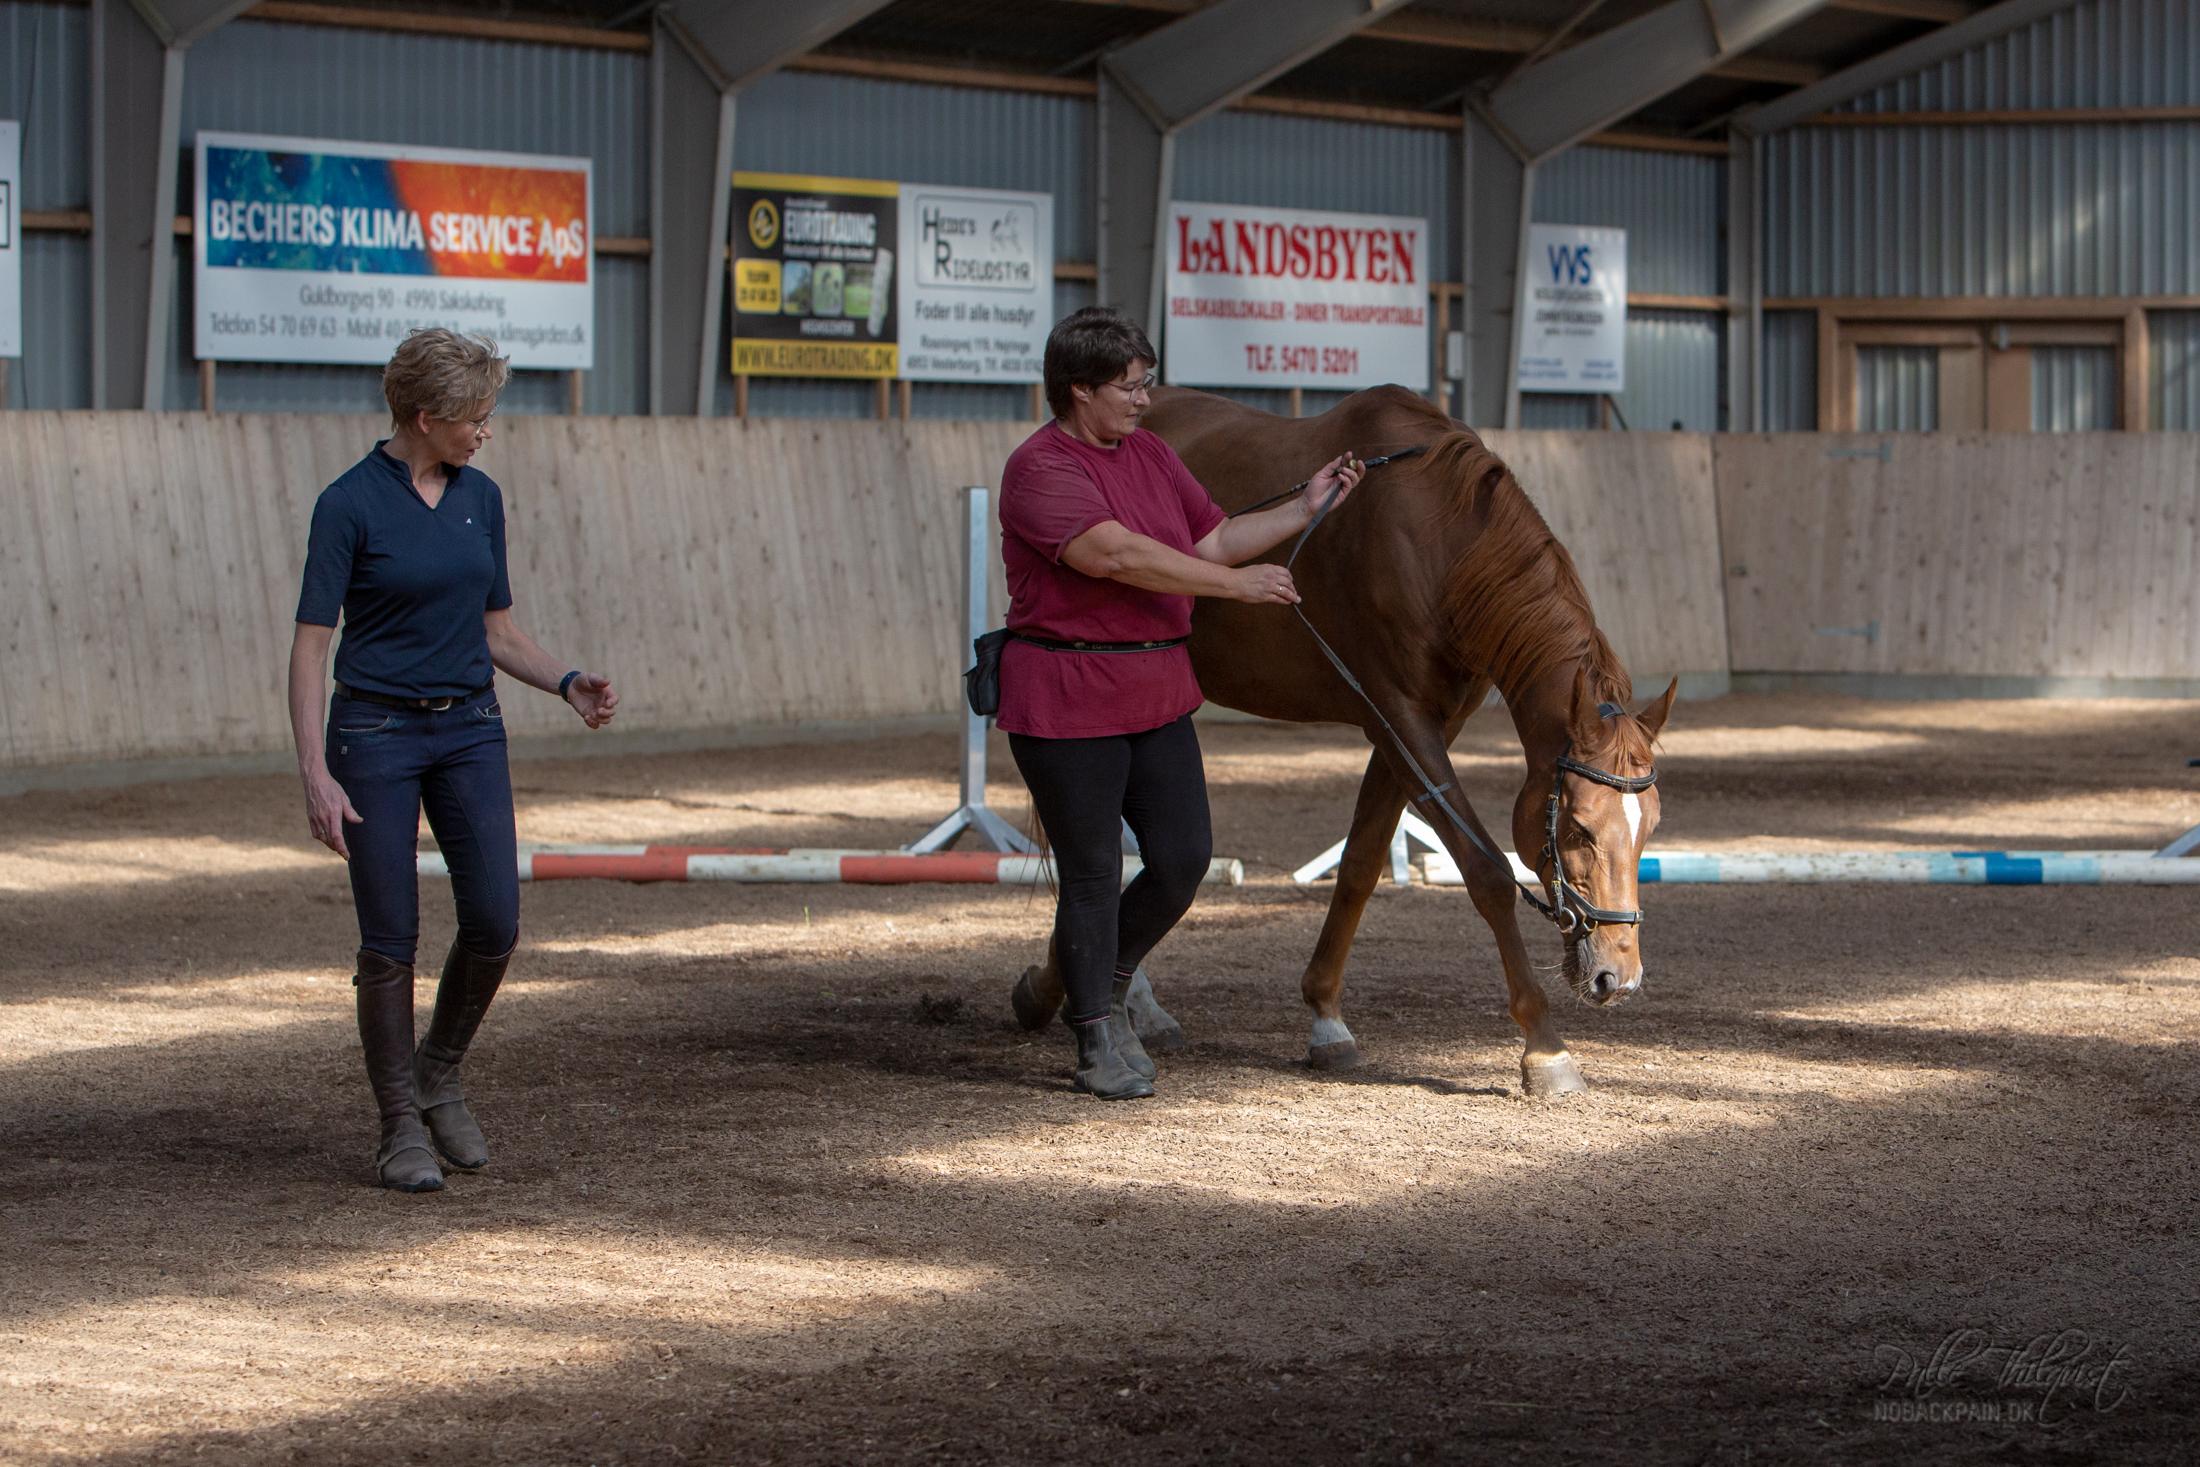 Allerede da Jane og Pro havde deres første lektion, begyndte Pro at strække sig helt ned til jorden indenfor de første 10 minutter... Jane vil få brug for nogle længere tøjler med denne hest :D